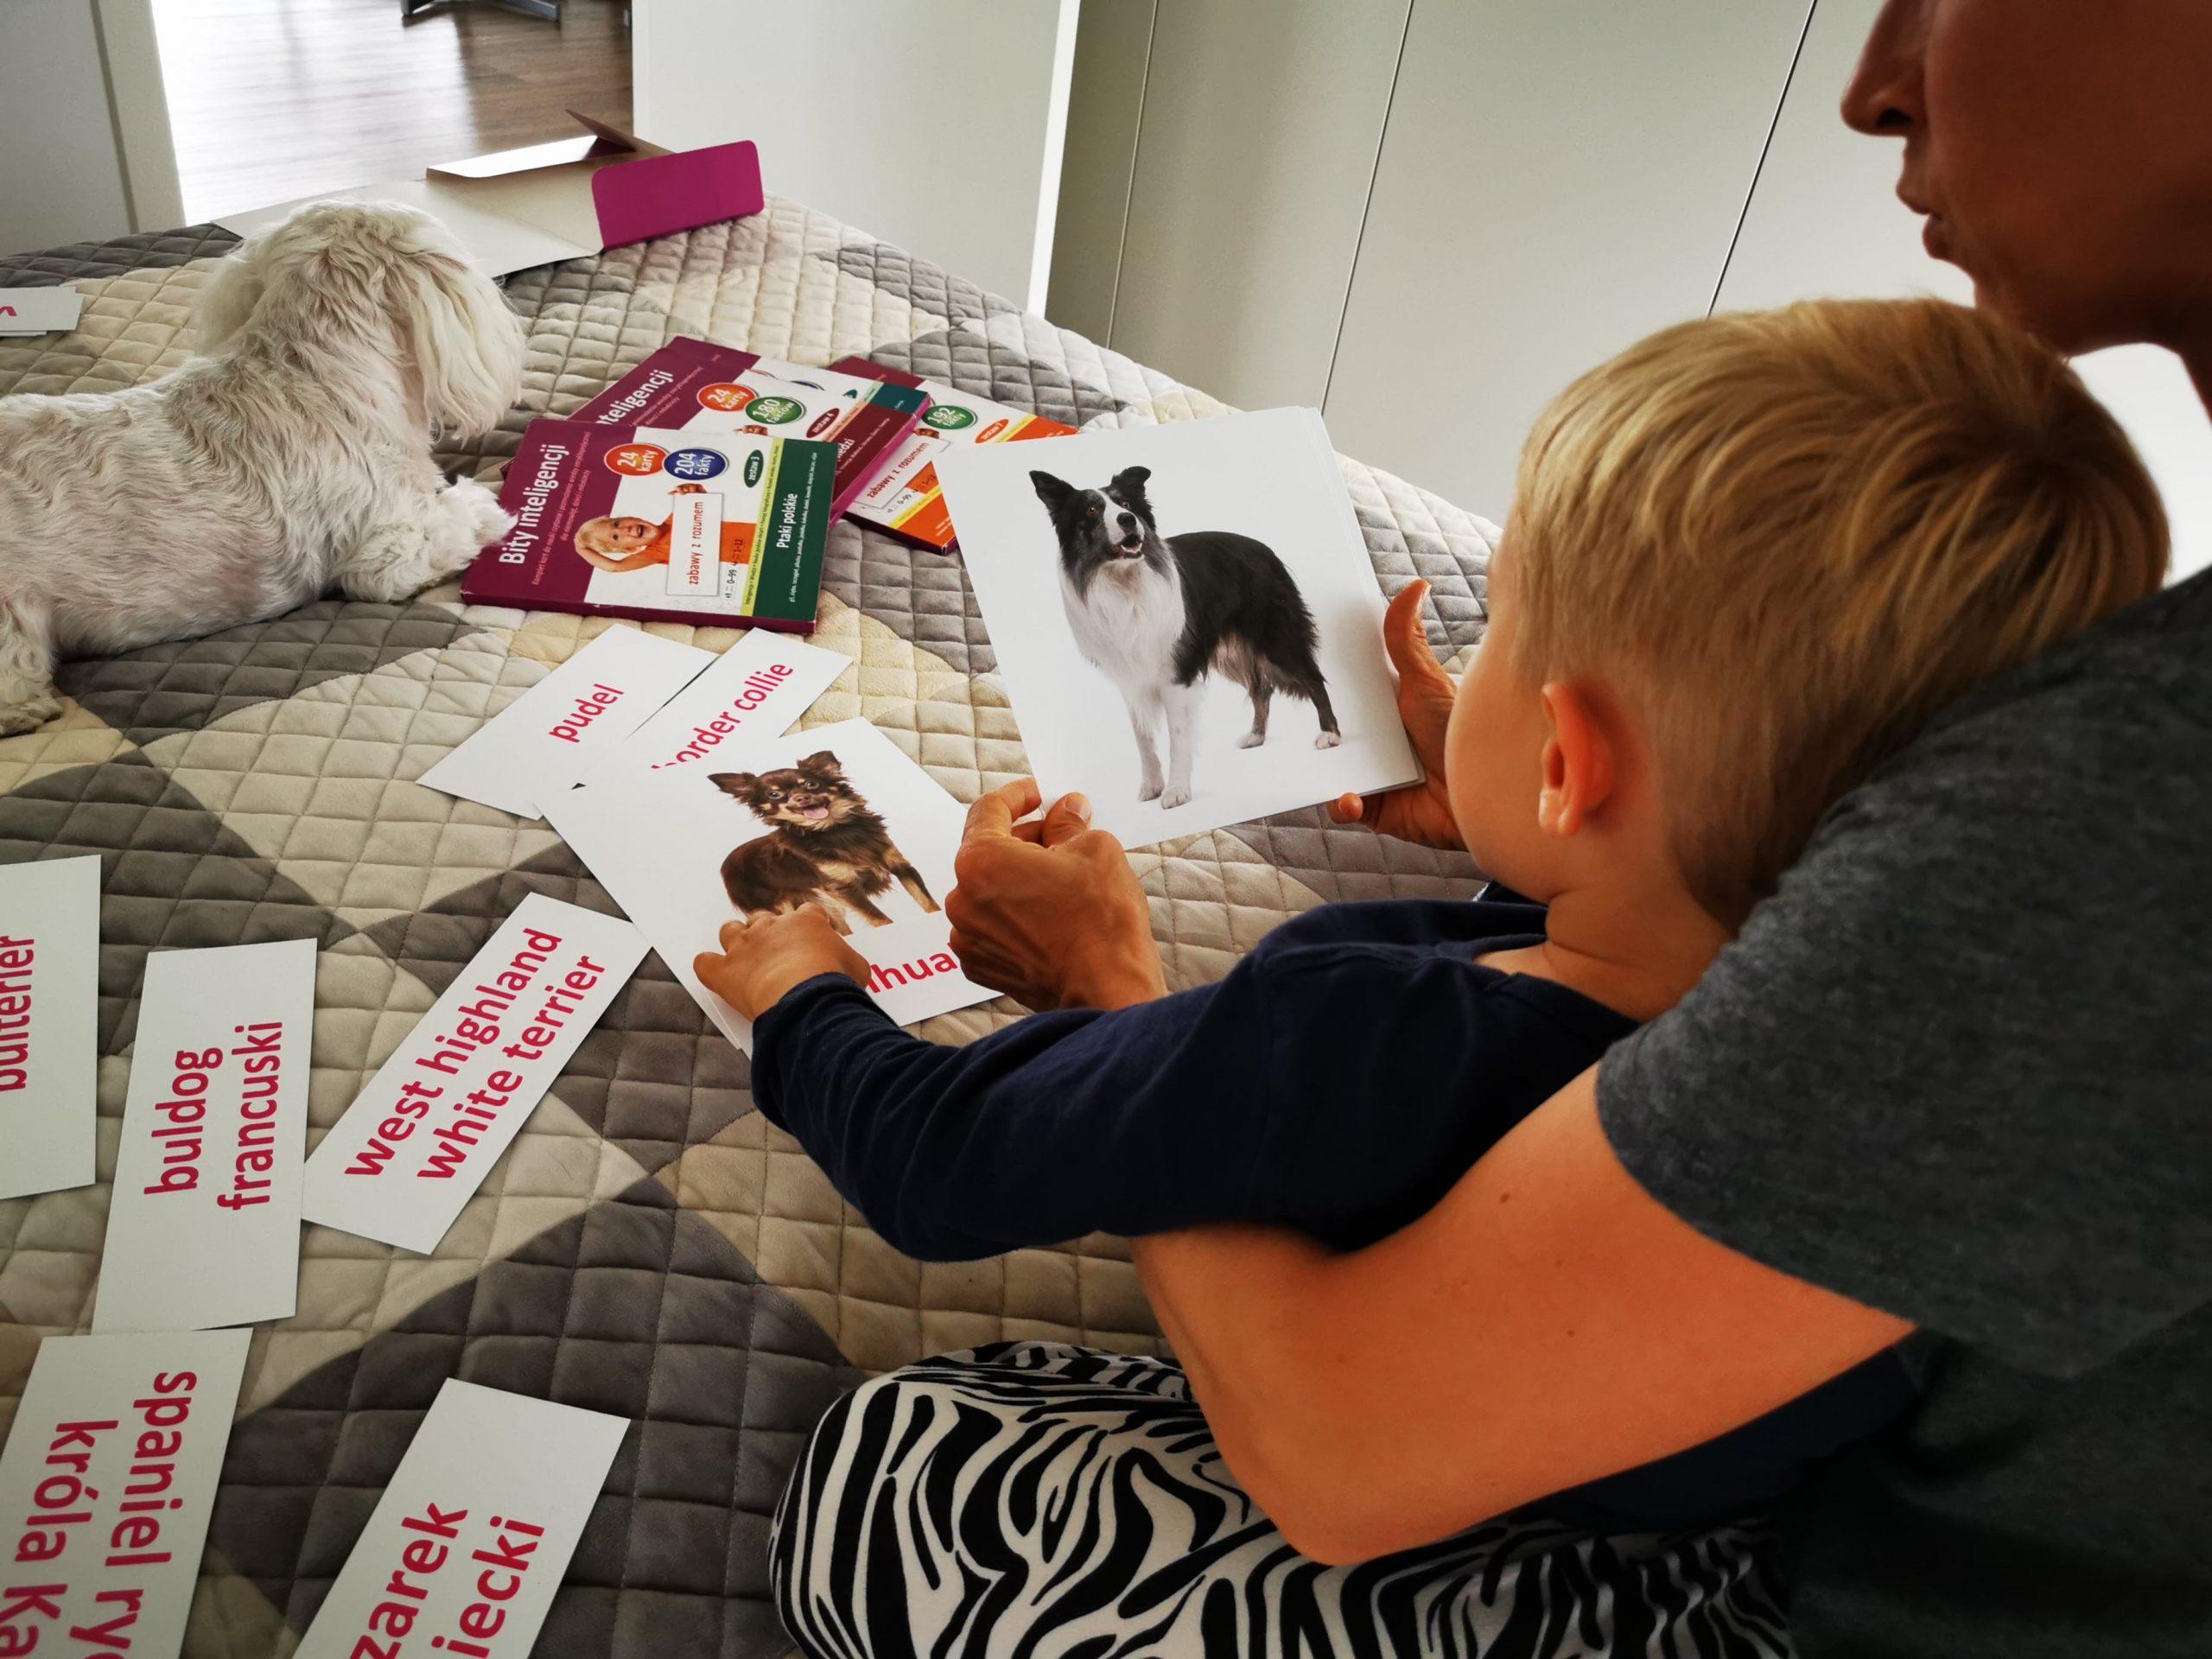 jak nauczyć dziecko czytać zabawy zkartami bity inteligencji przedszkolak mama ipies